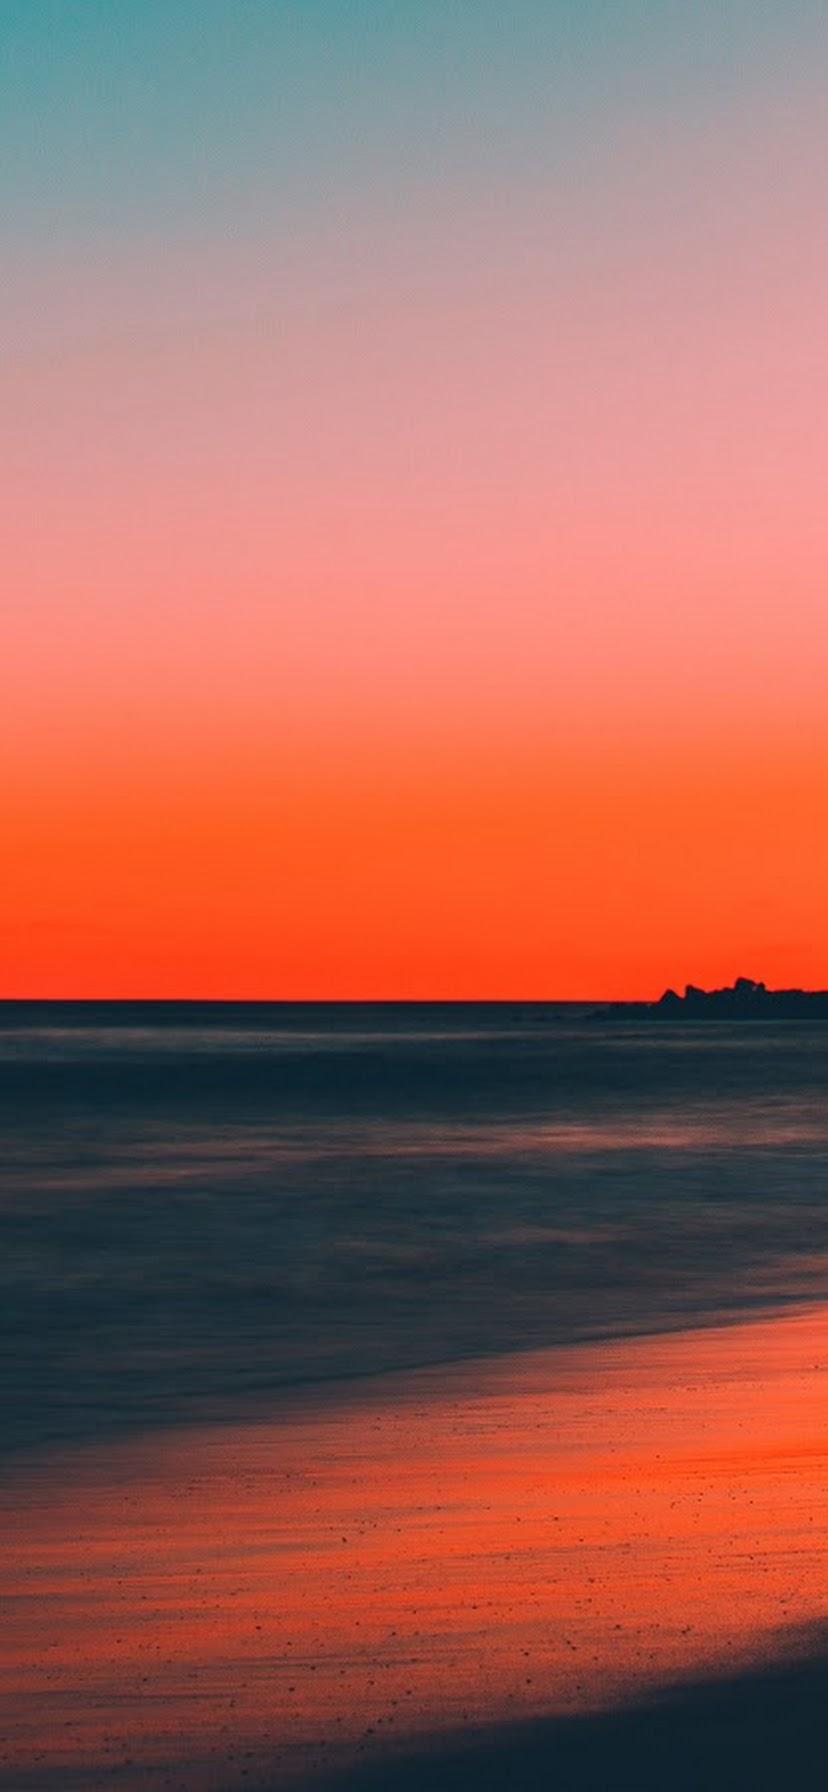 Sunset Beach Sea Horizon Scenery 8k Wallpaper 165